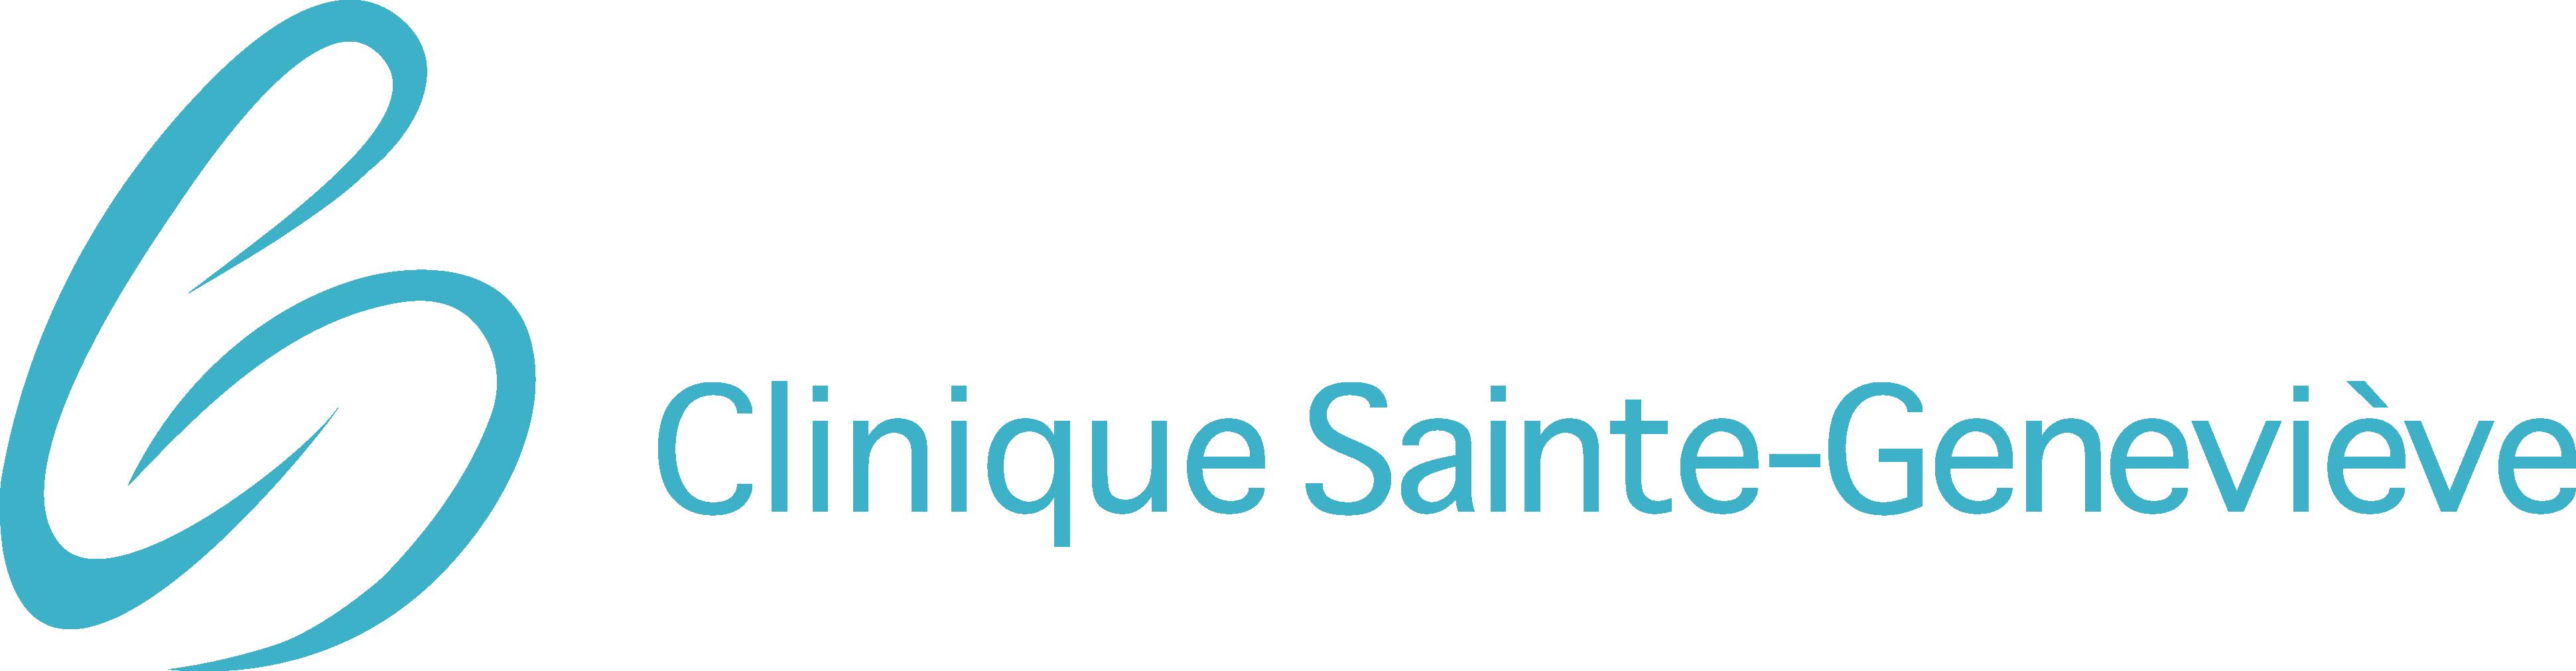 Clinique Sainte Geneviève